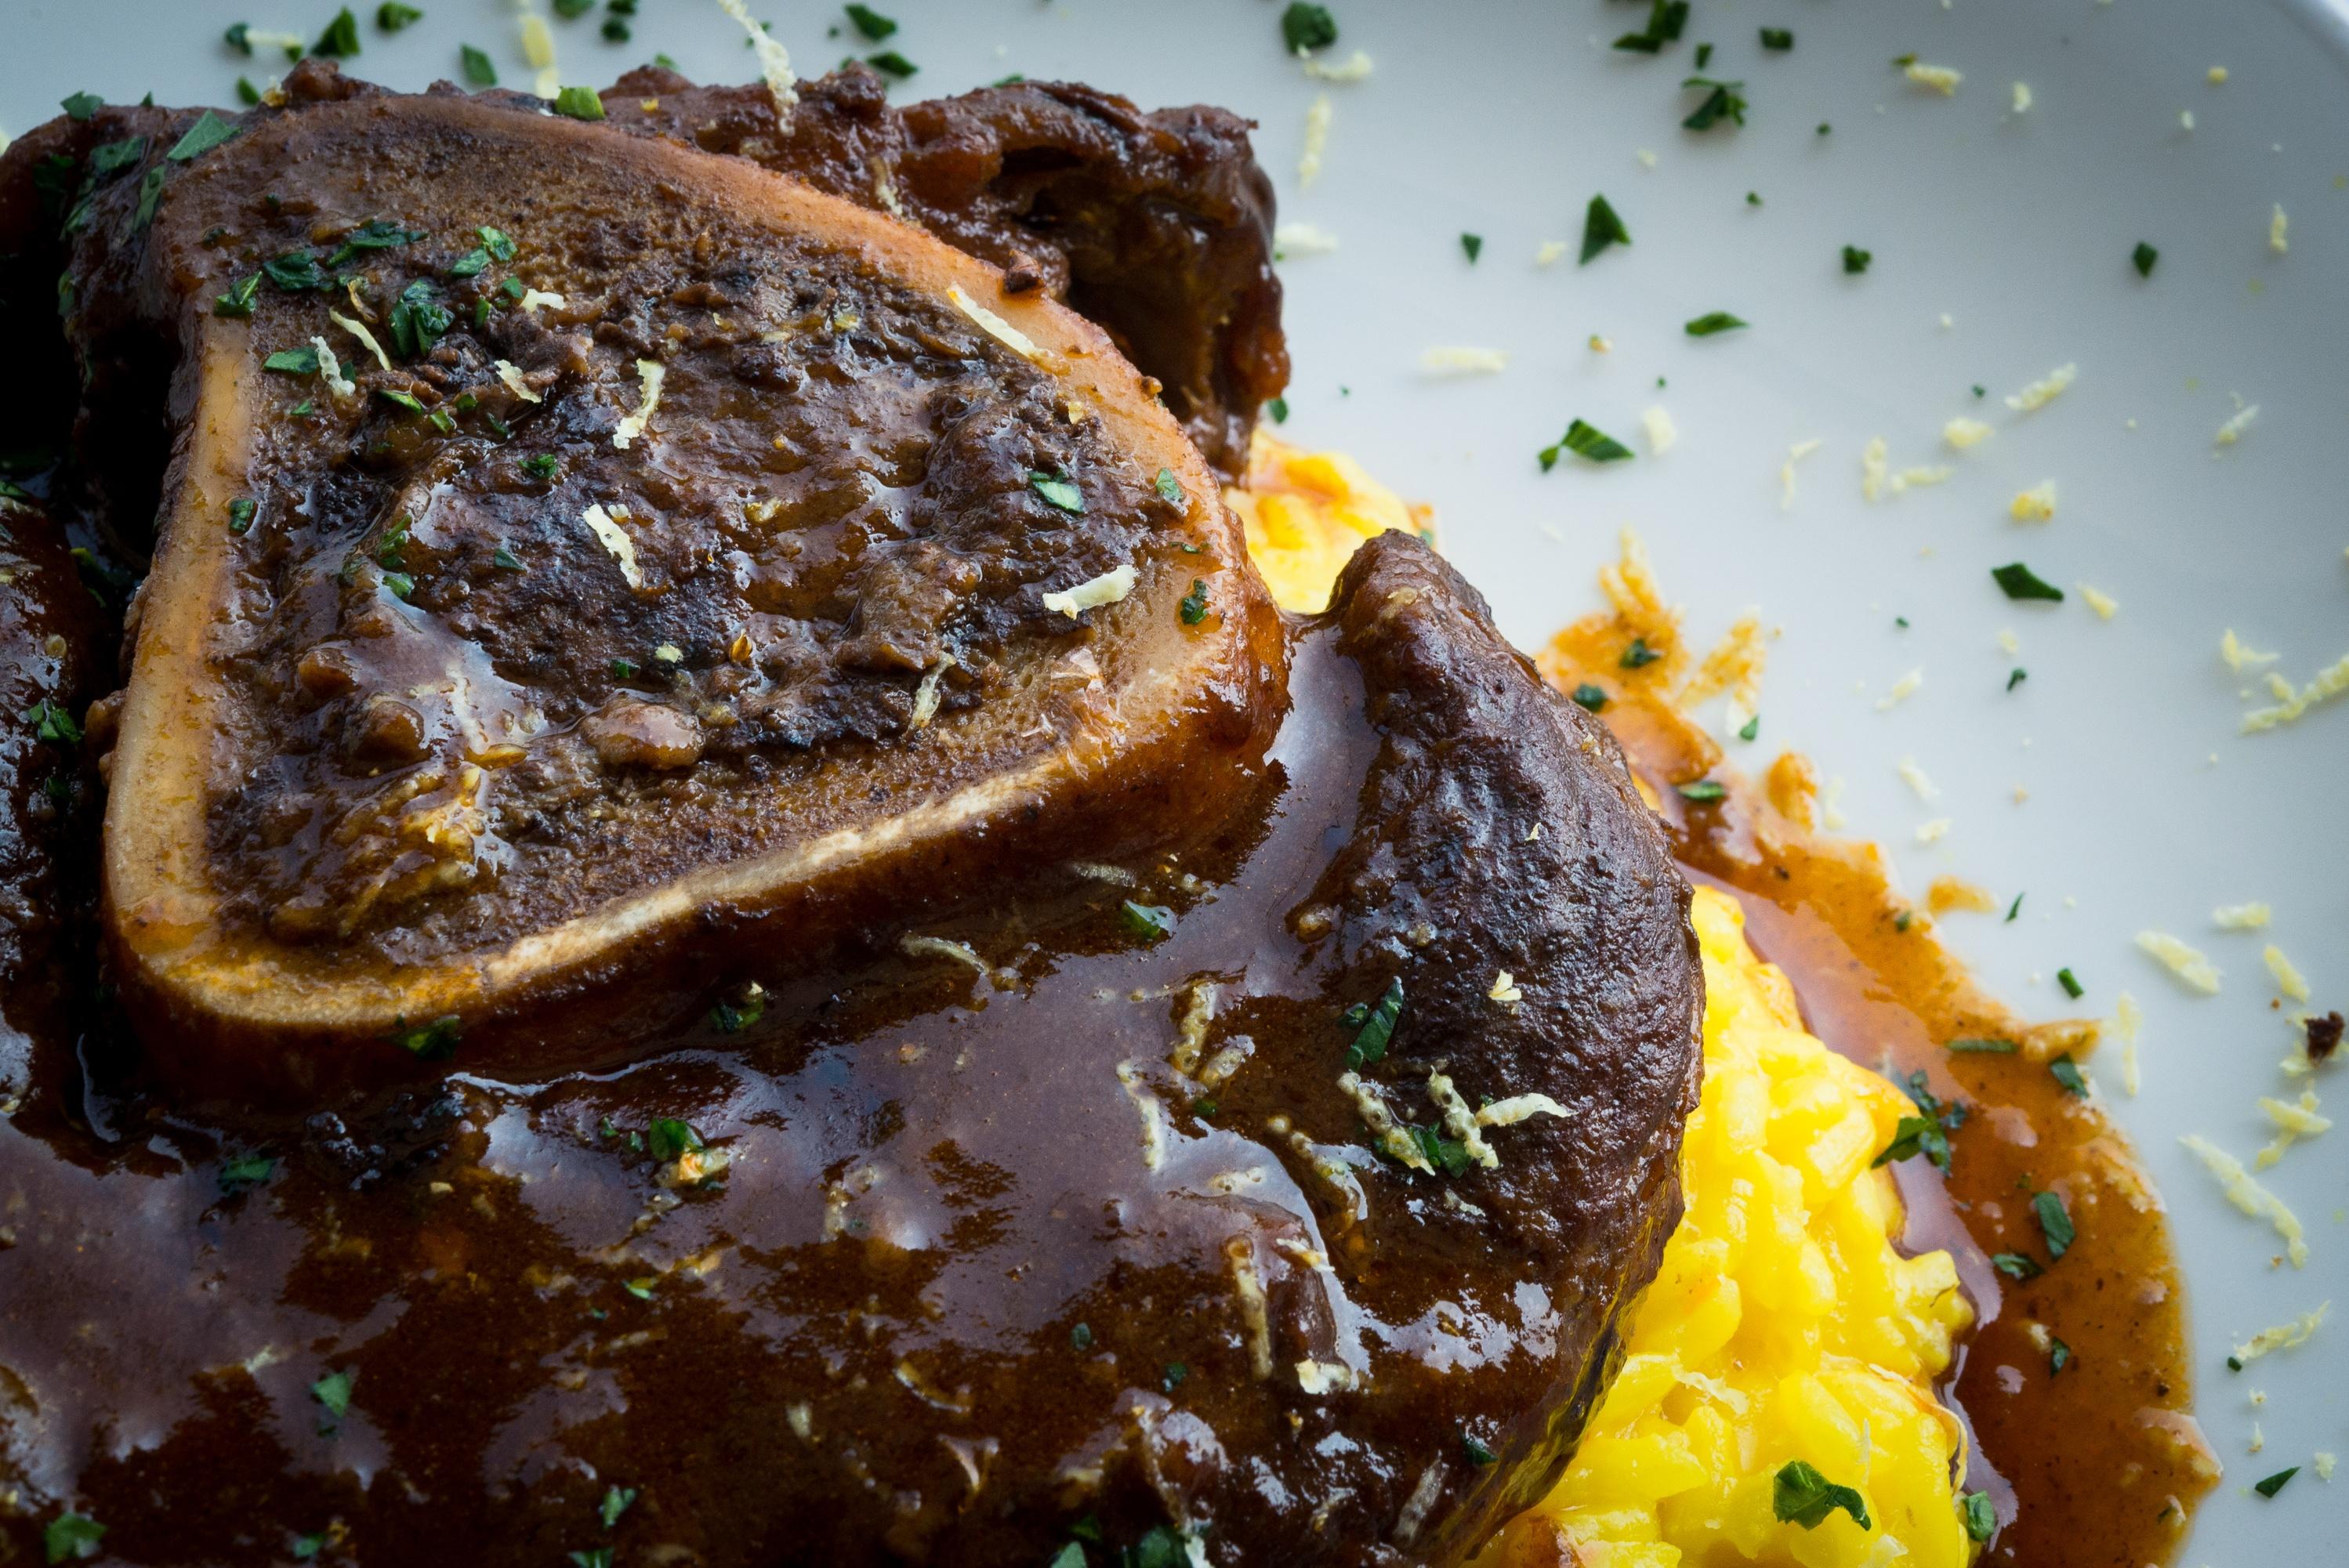 Spasso - Ossobuco alla Milanese served with saffron risotto